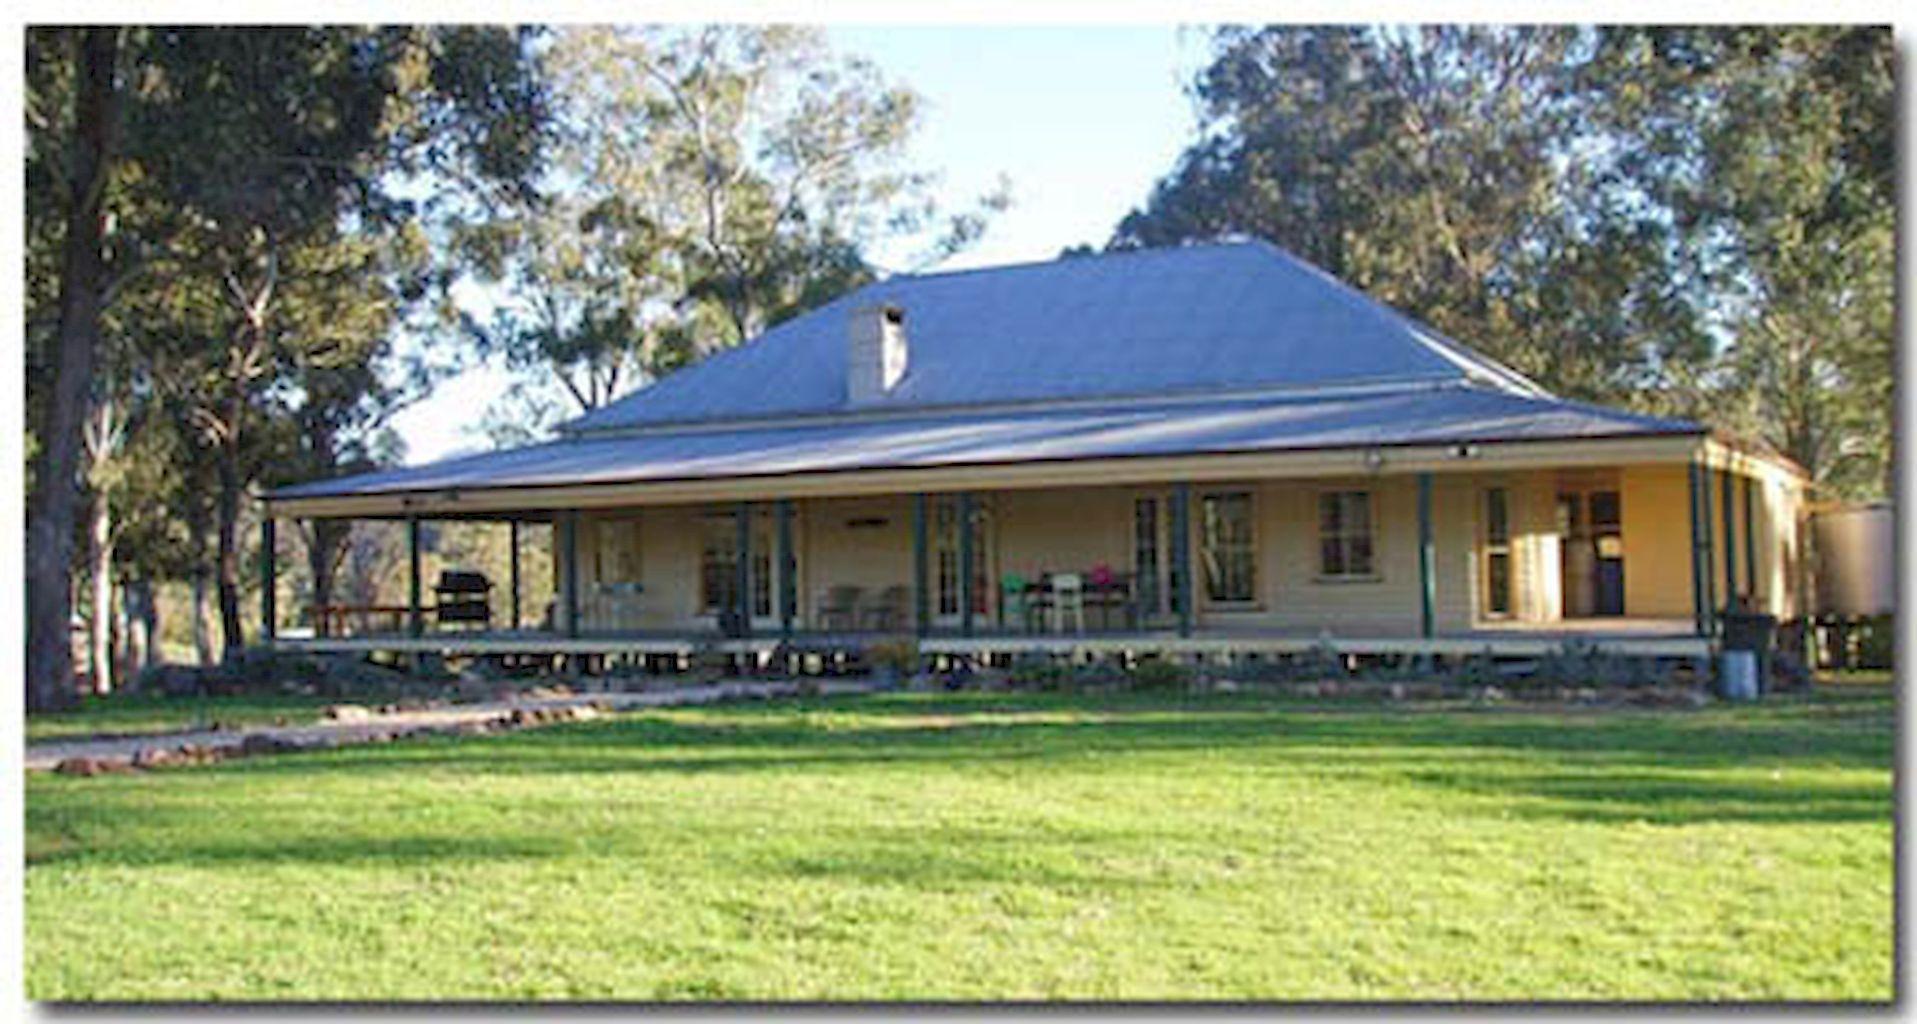 60 Stunning Australian Farmhouse Style Design Ideas Australian Country Houses Australian House Plans Australian Homes